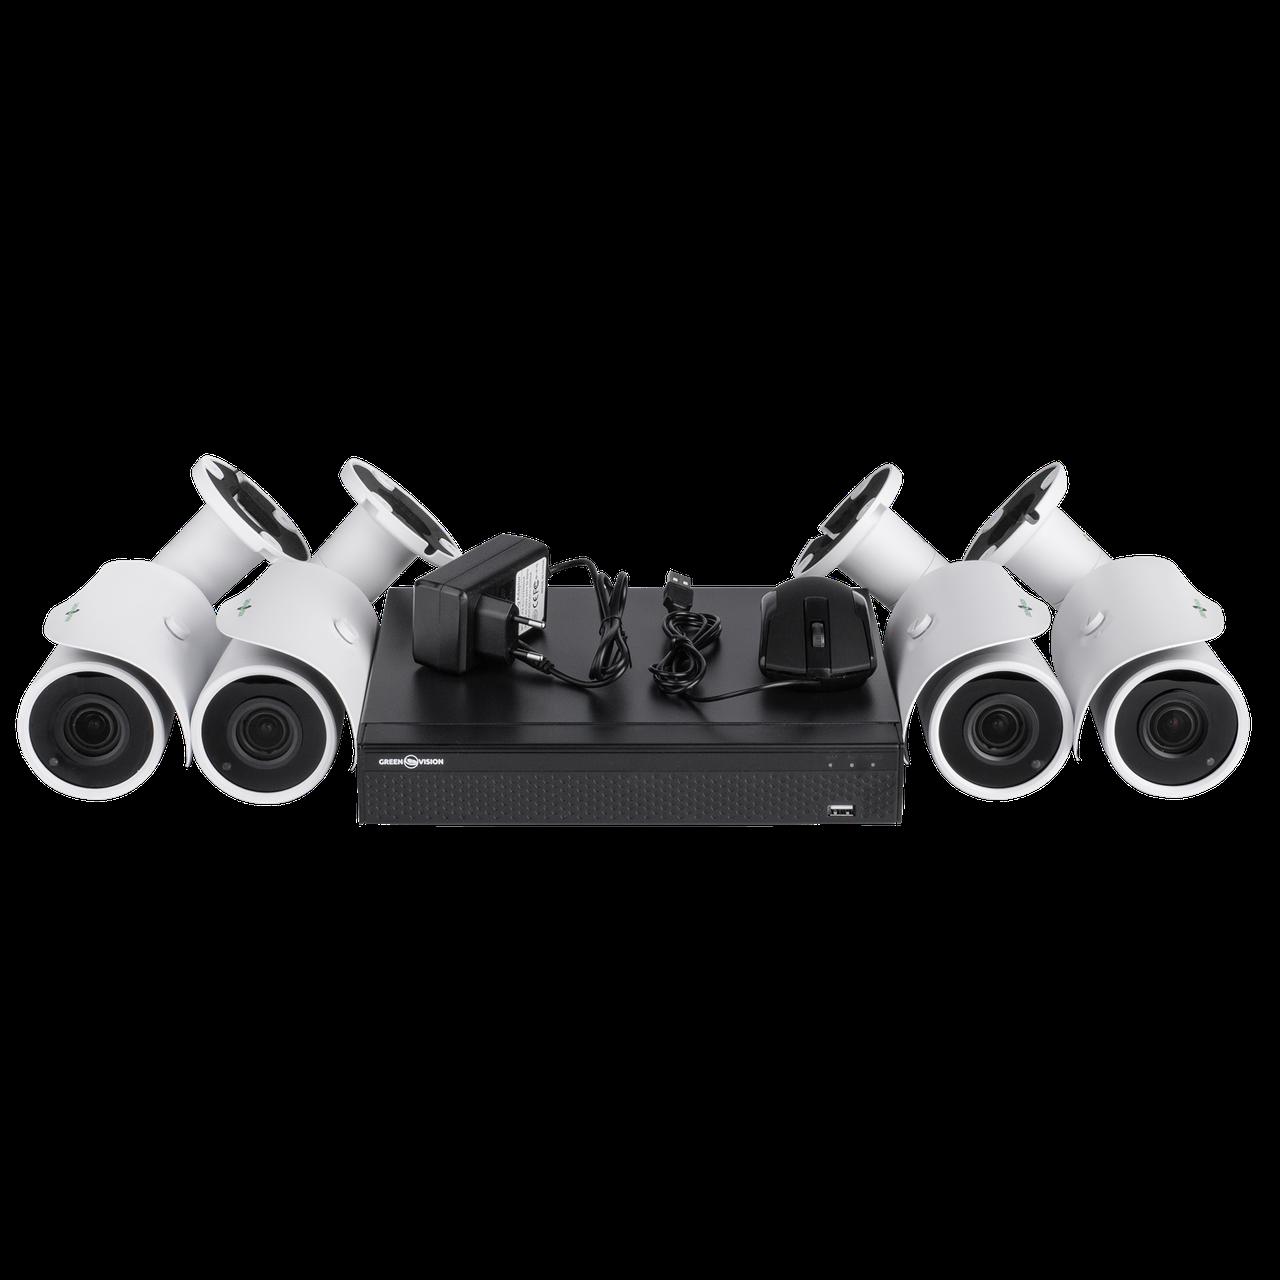 Комплект видеонаблюдения на 4 камеры Green Vision GV-IP-K-L19/04 1080P